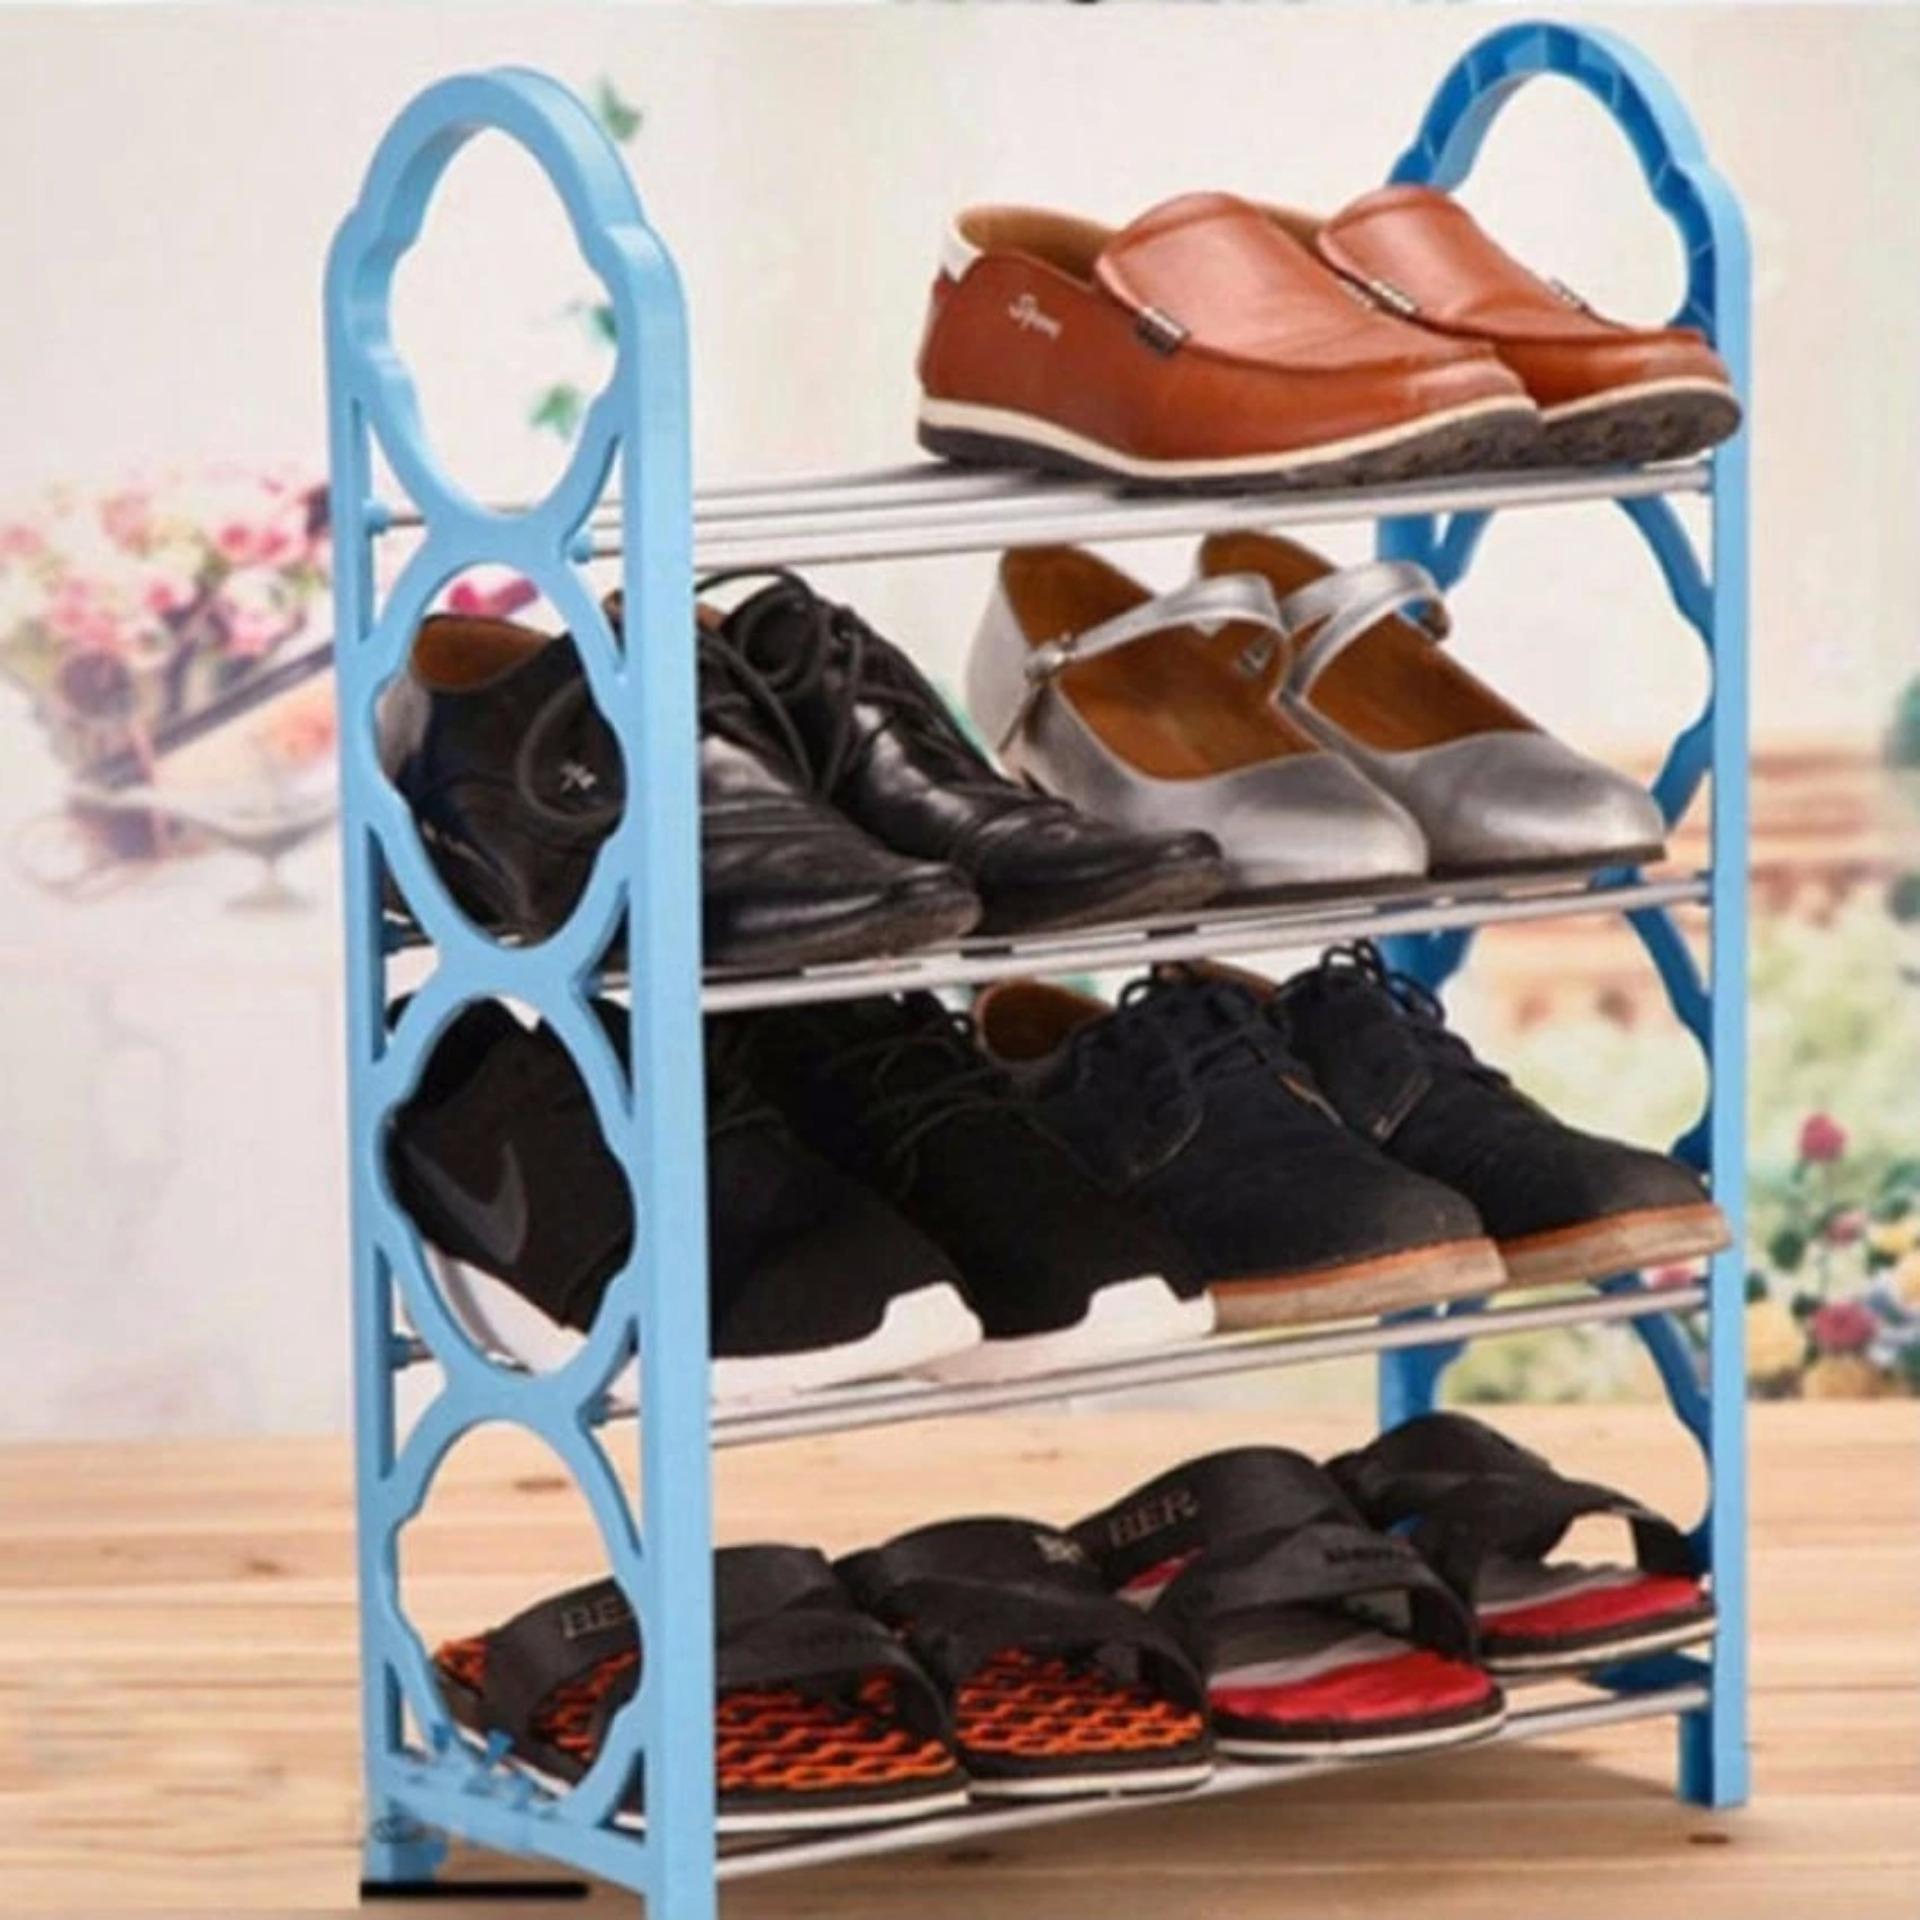 Giảm giá kệ để giày 4 tầng mẫu mới 2018